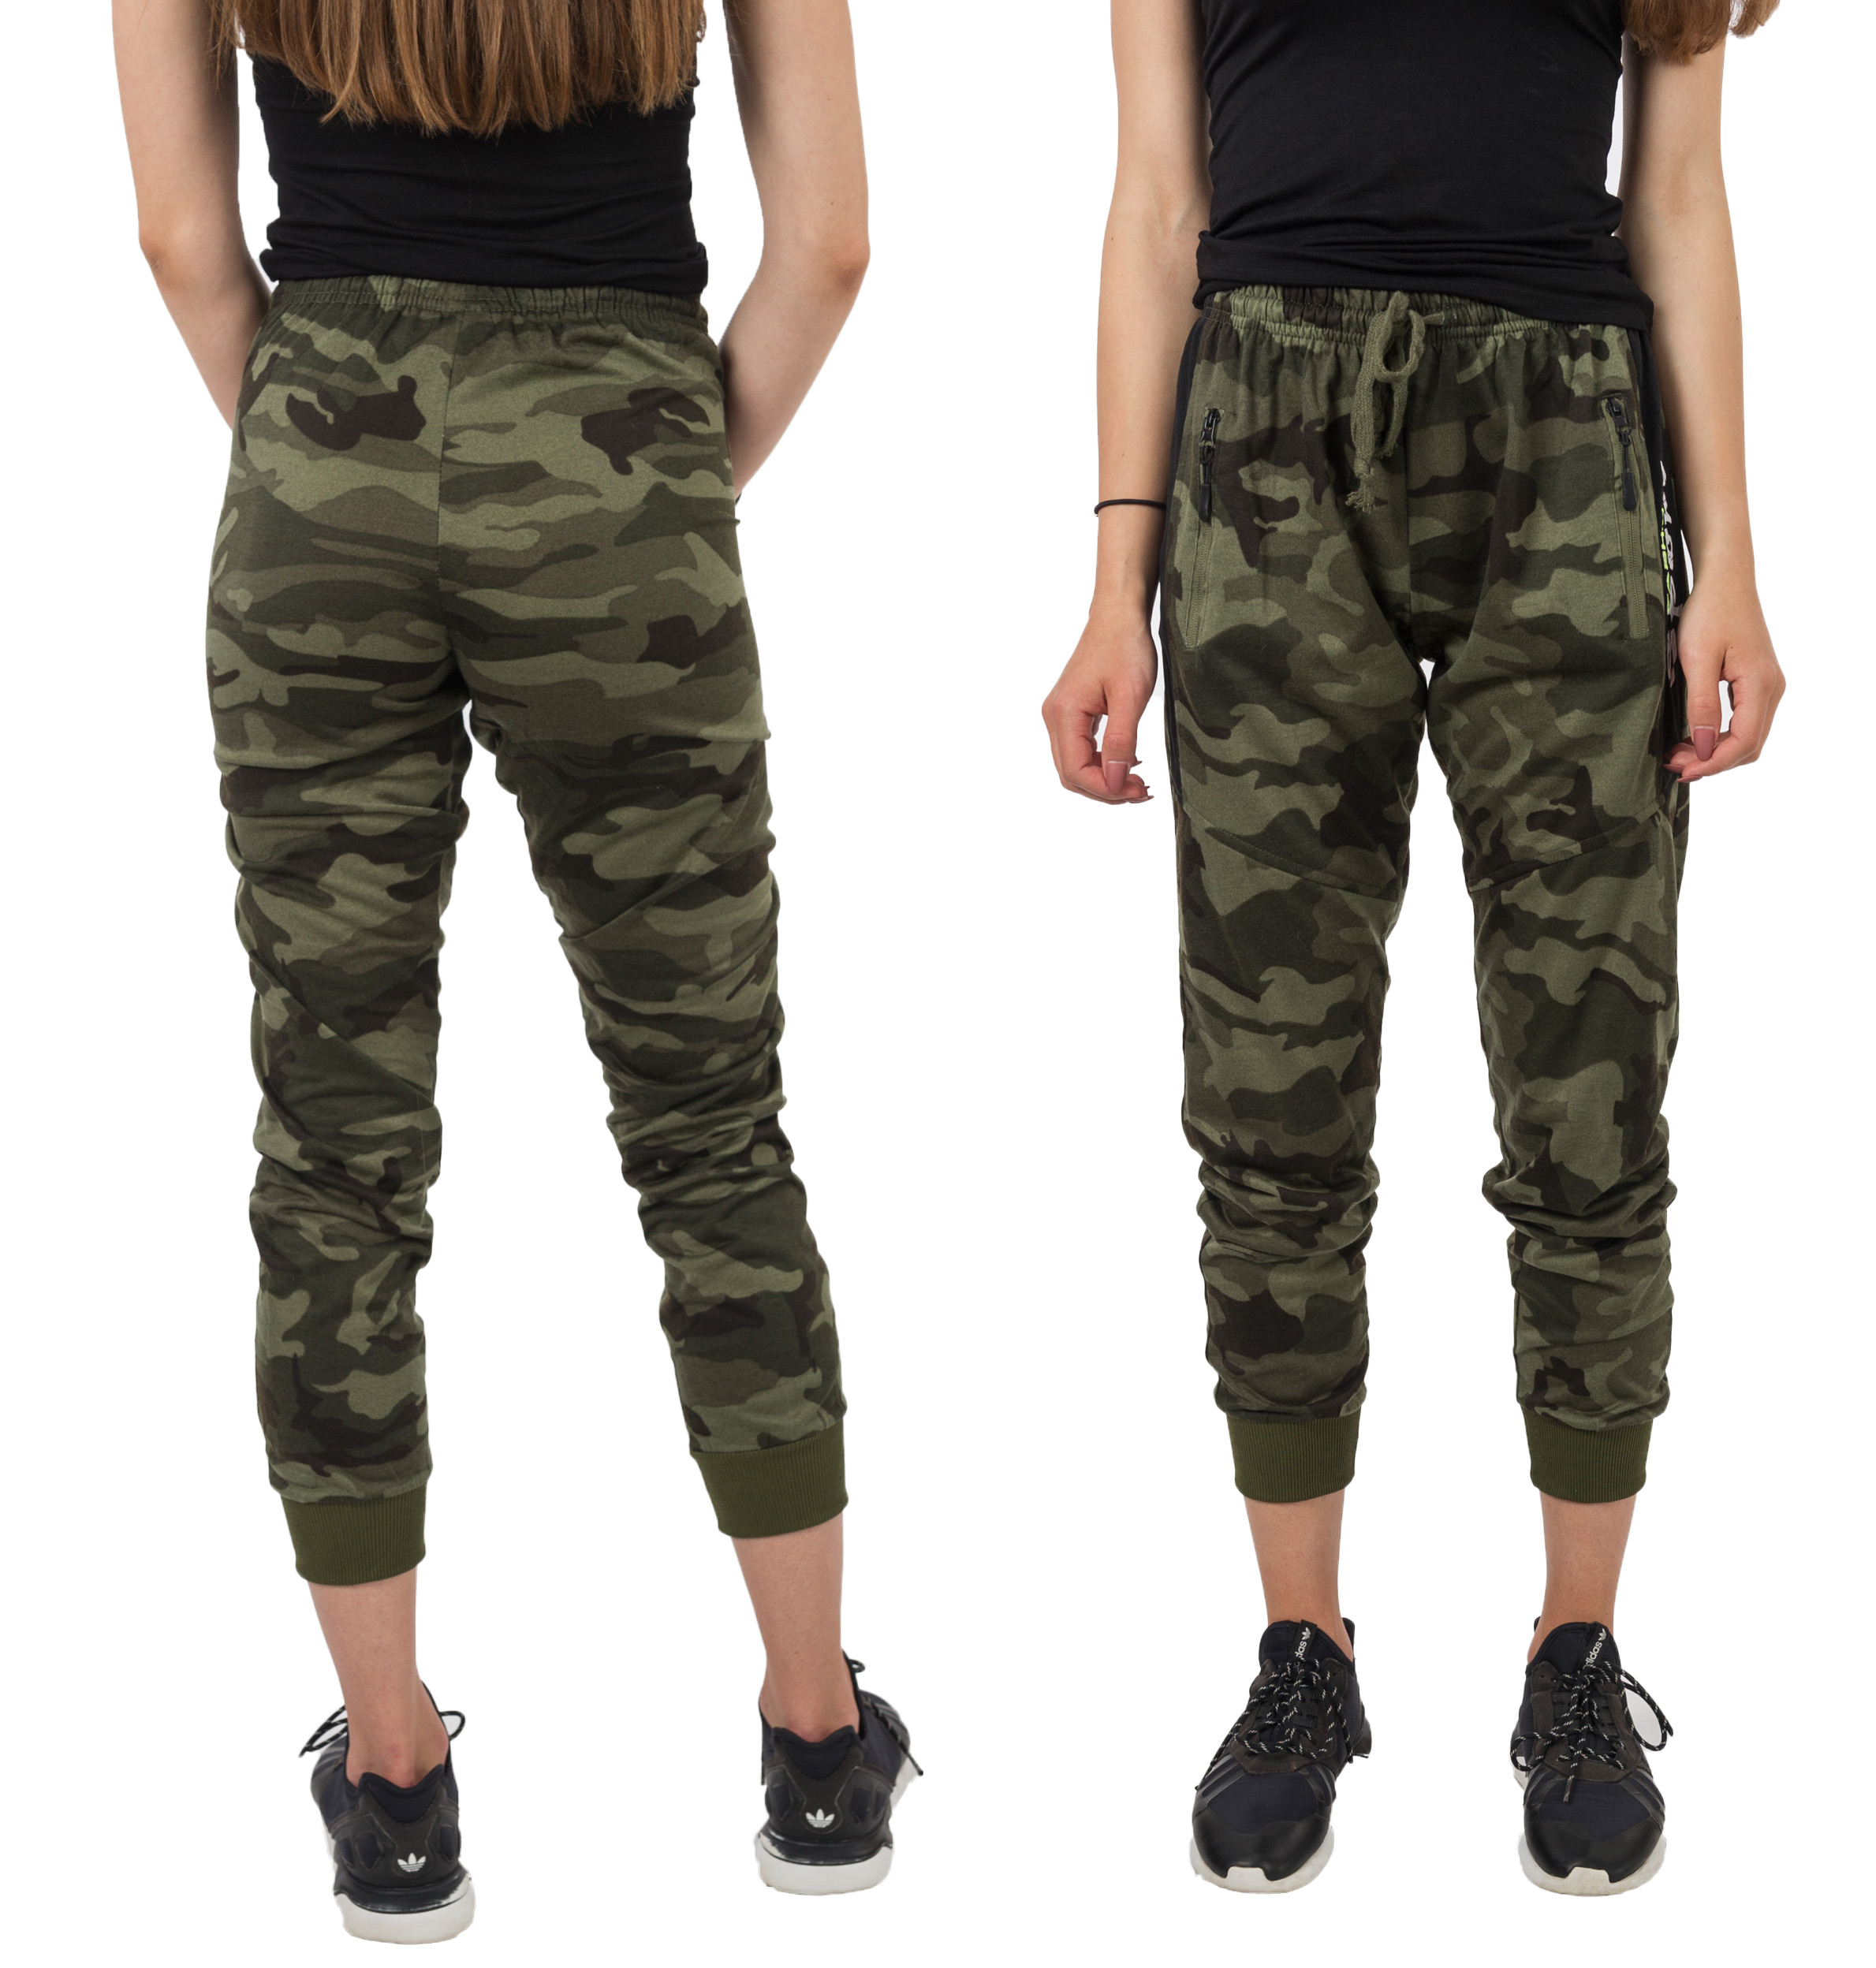 75f5fab4 Spodnie Dresowe Moro Damskie Dresy Army 902-2 r M - 7338164397 ...